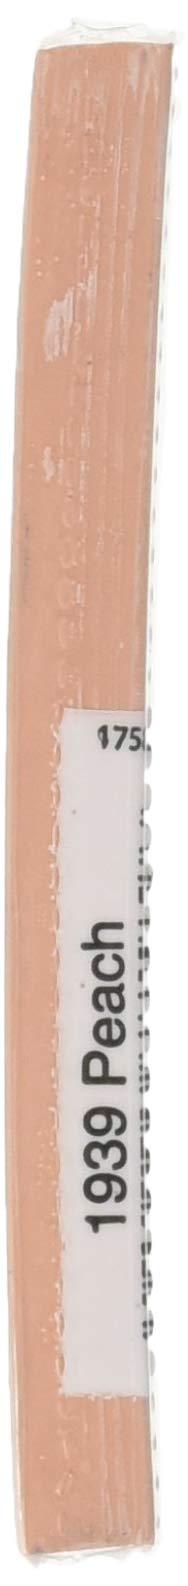 Prismacolor Art Stix, Peach (77189)